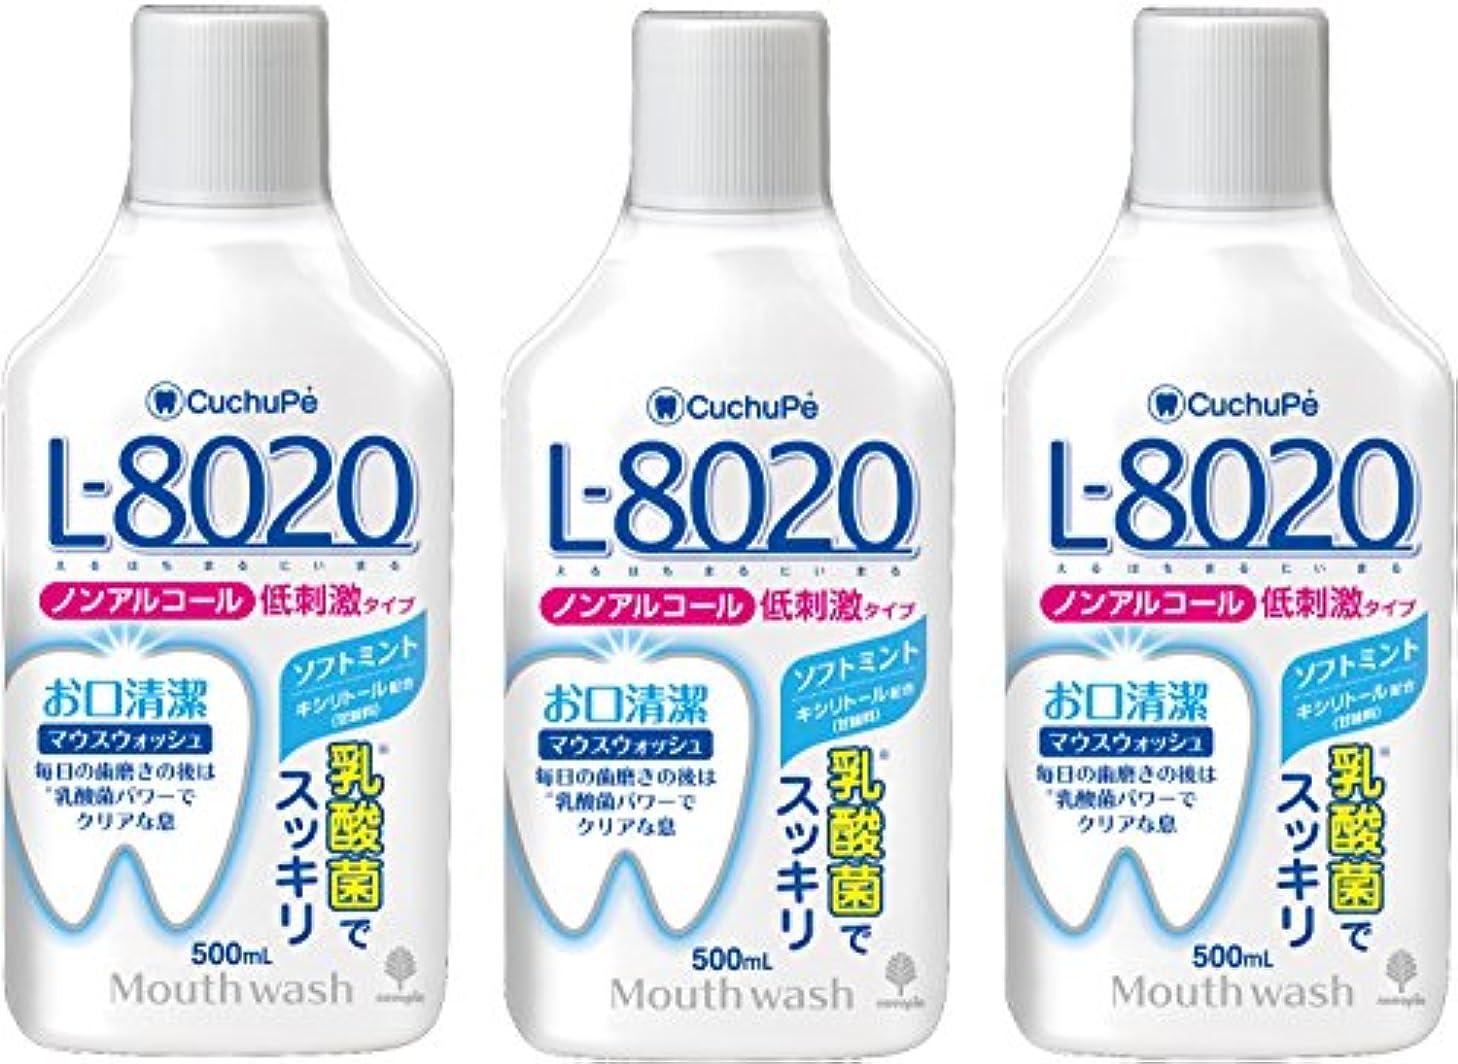 教会しばしば平均紀陽除虫菊 マウスウォッシュ クチュッペ L-8020 ノンアルコール ソフトミント 500ml 3個セット